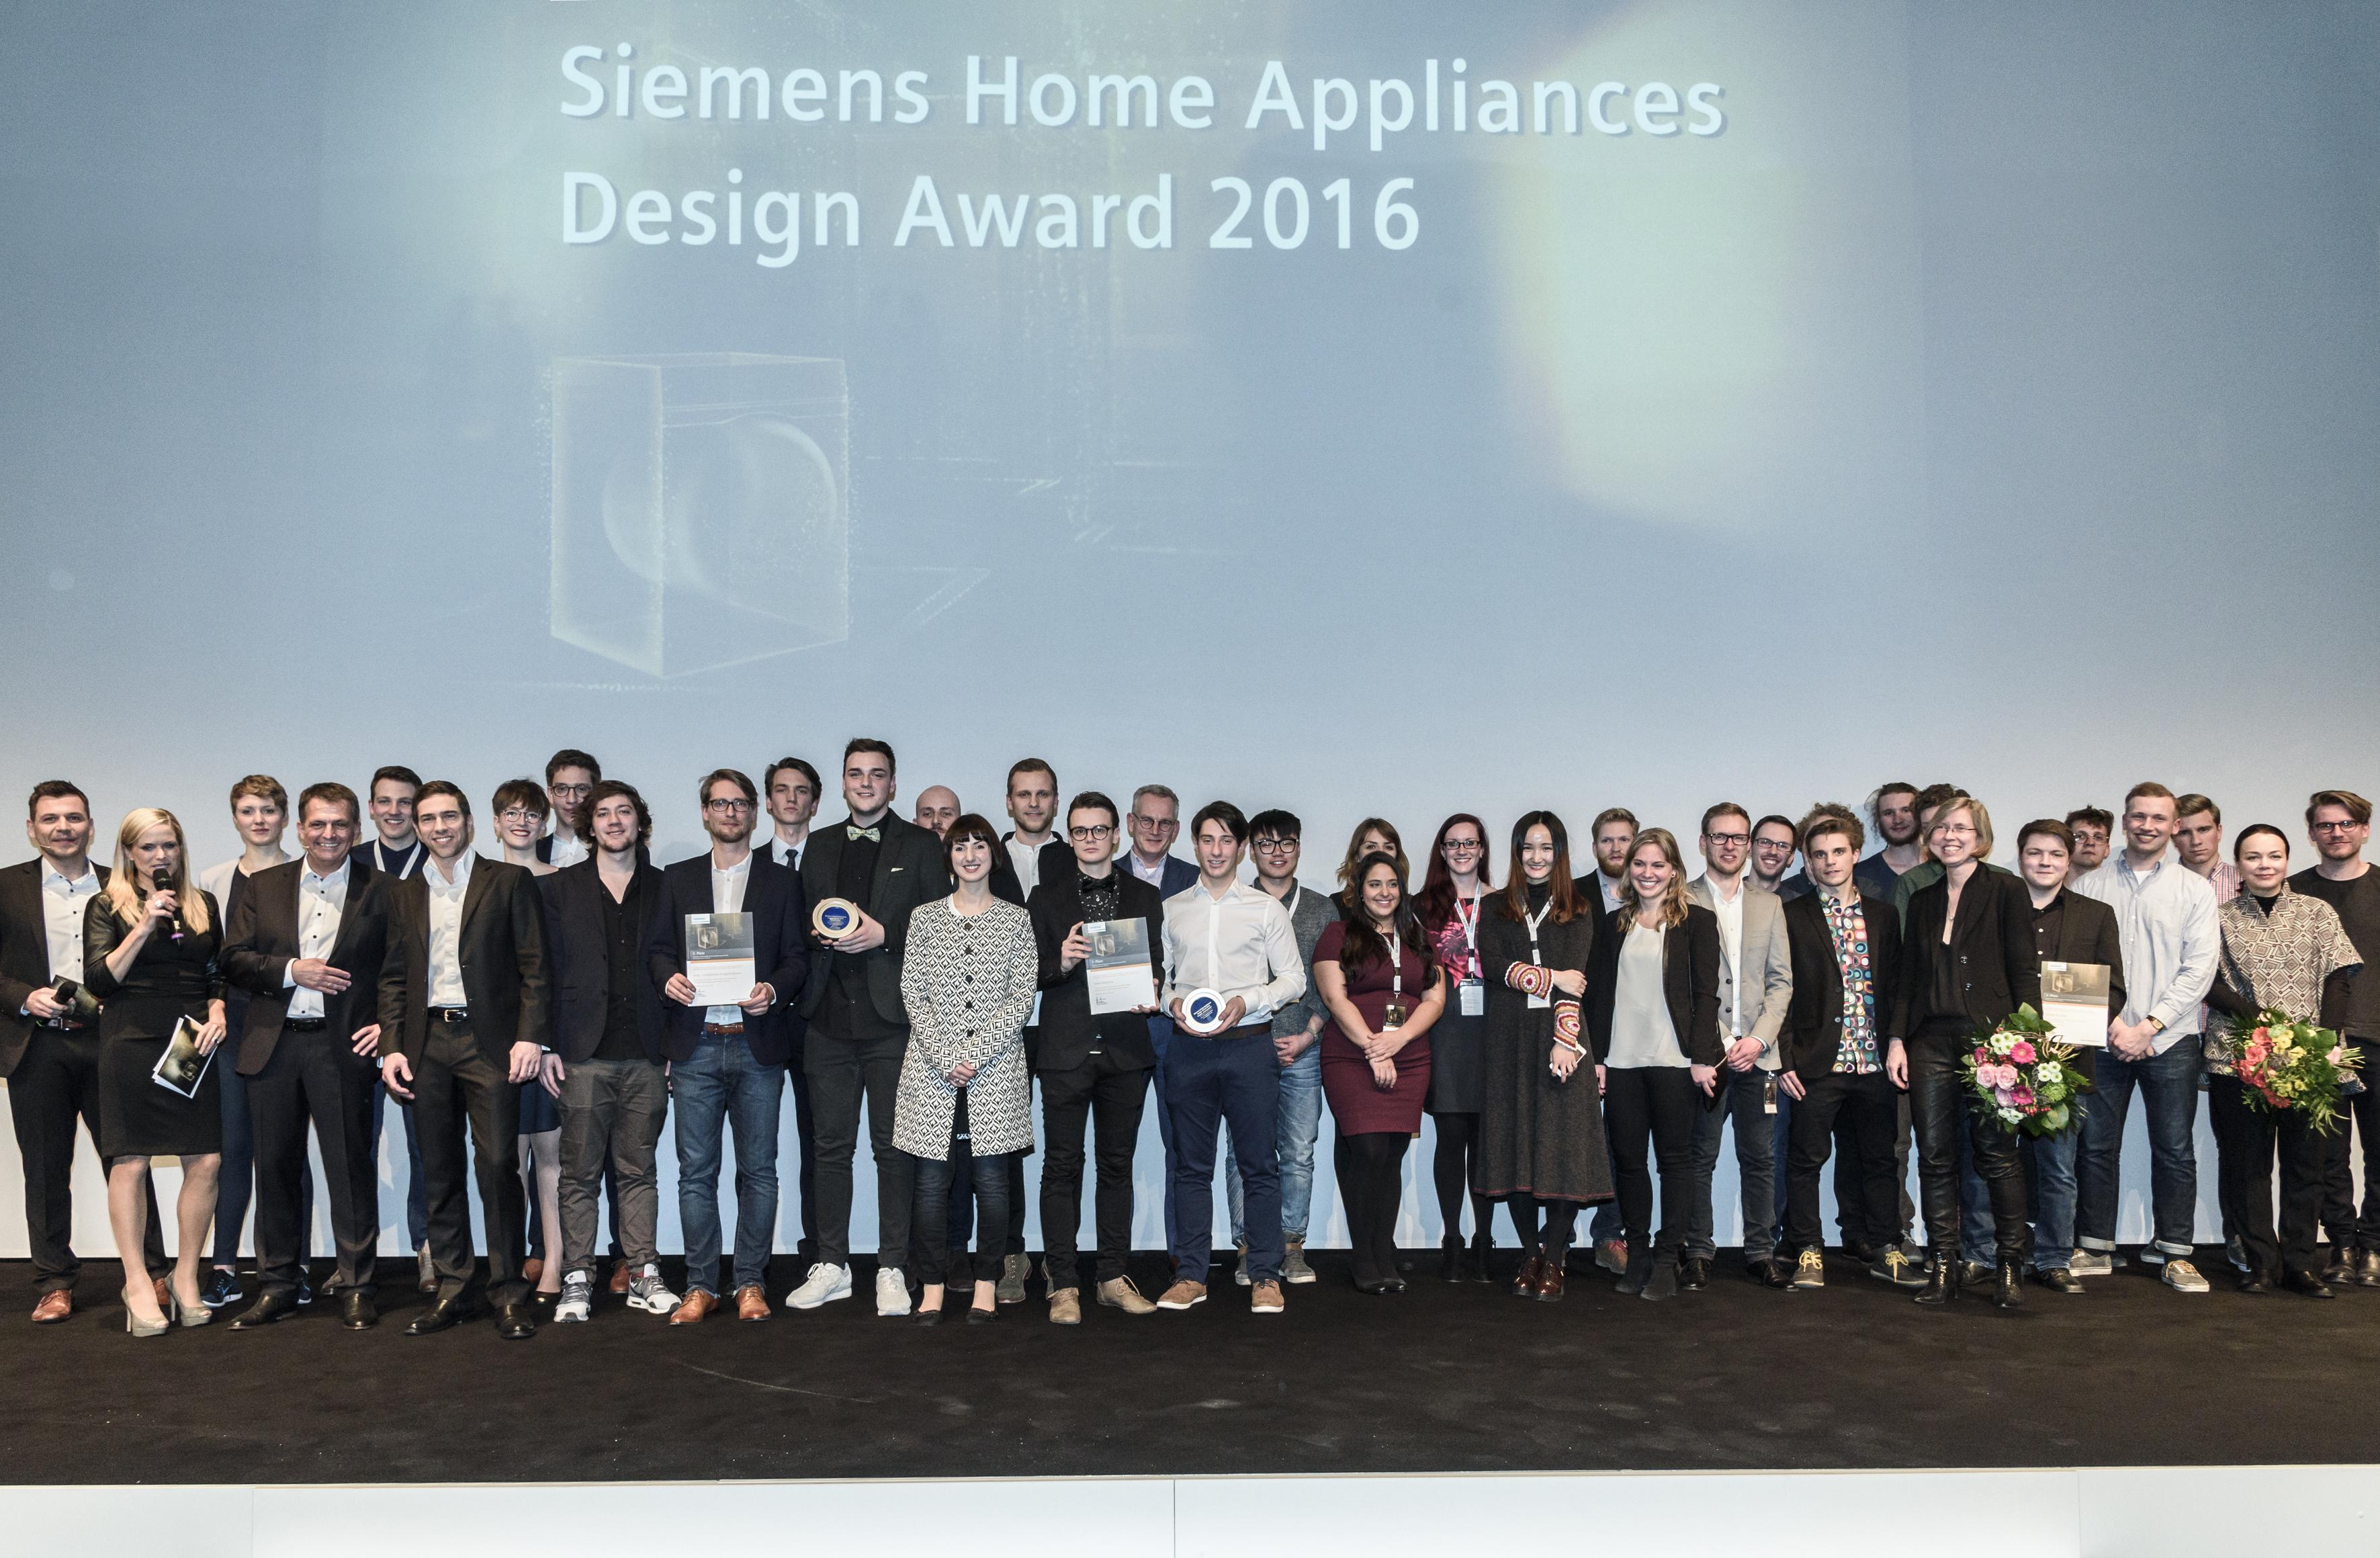 siemens home appliances design award 2016 auszeichnung f r junges produkt und. Black Bedroom Furniture Sets. Home Design Ideas